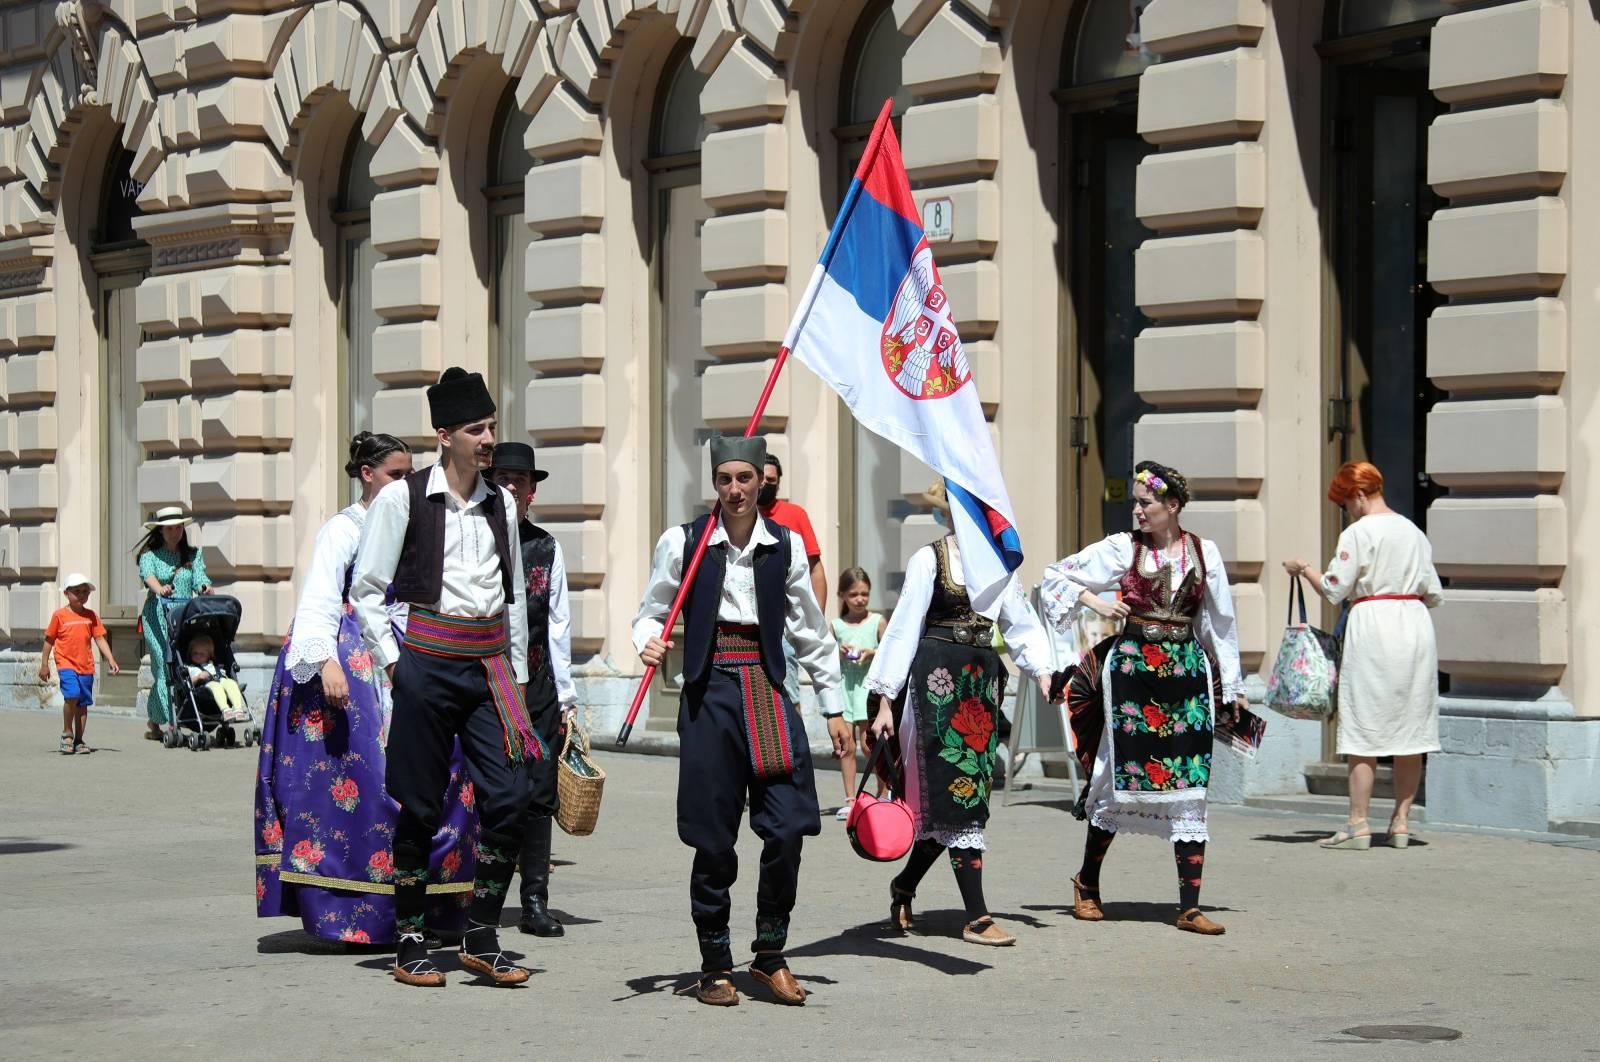 Sudionici Međunarodne smotre folklora zabavljali se na zagrebačkim ulicama